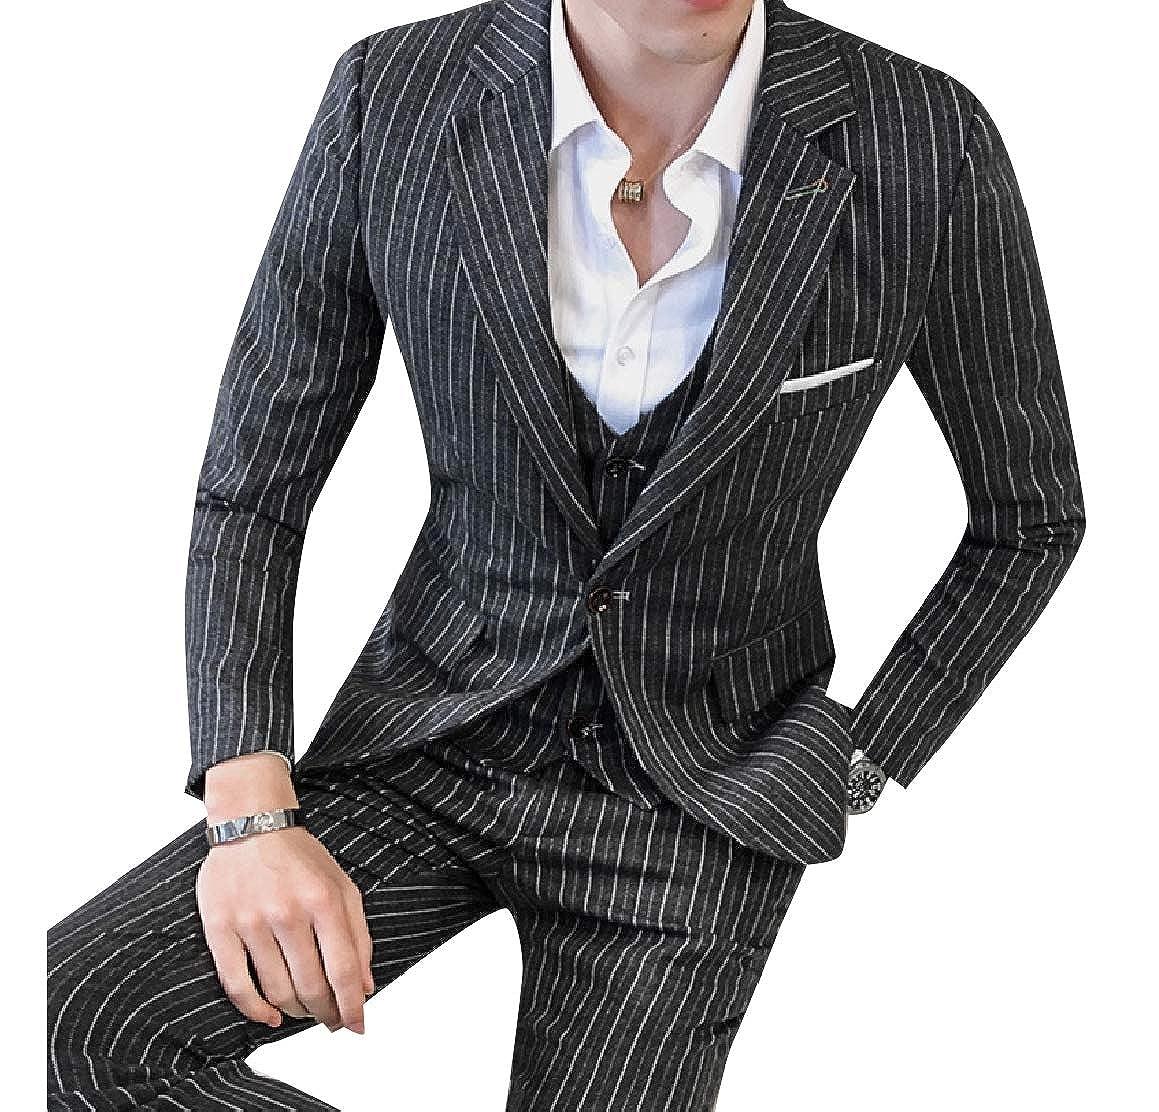 RomantcMen 3 Pieces Plus Size Classics Striped Suit Jacket Blazer